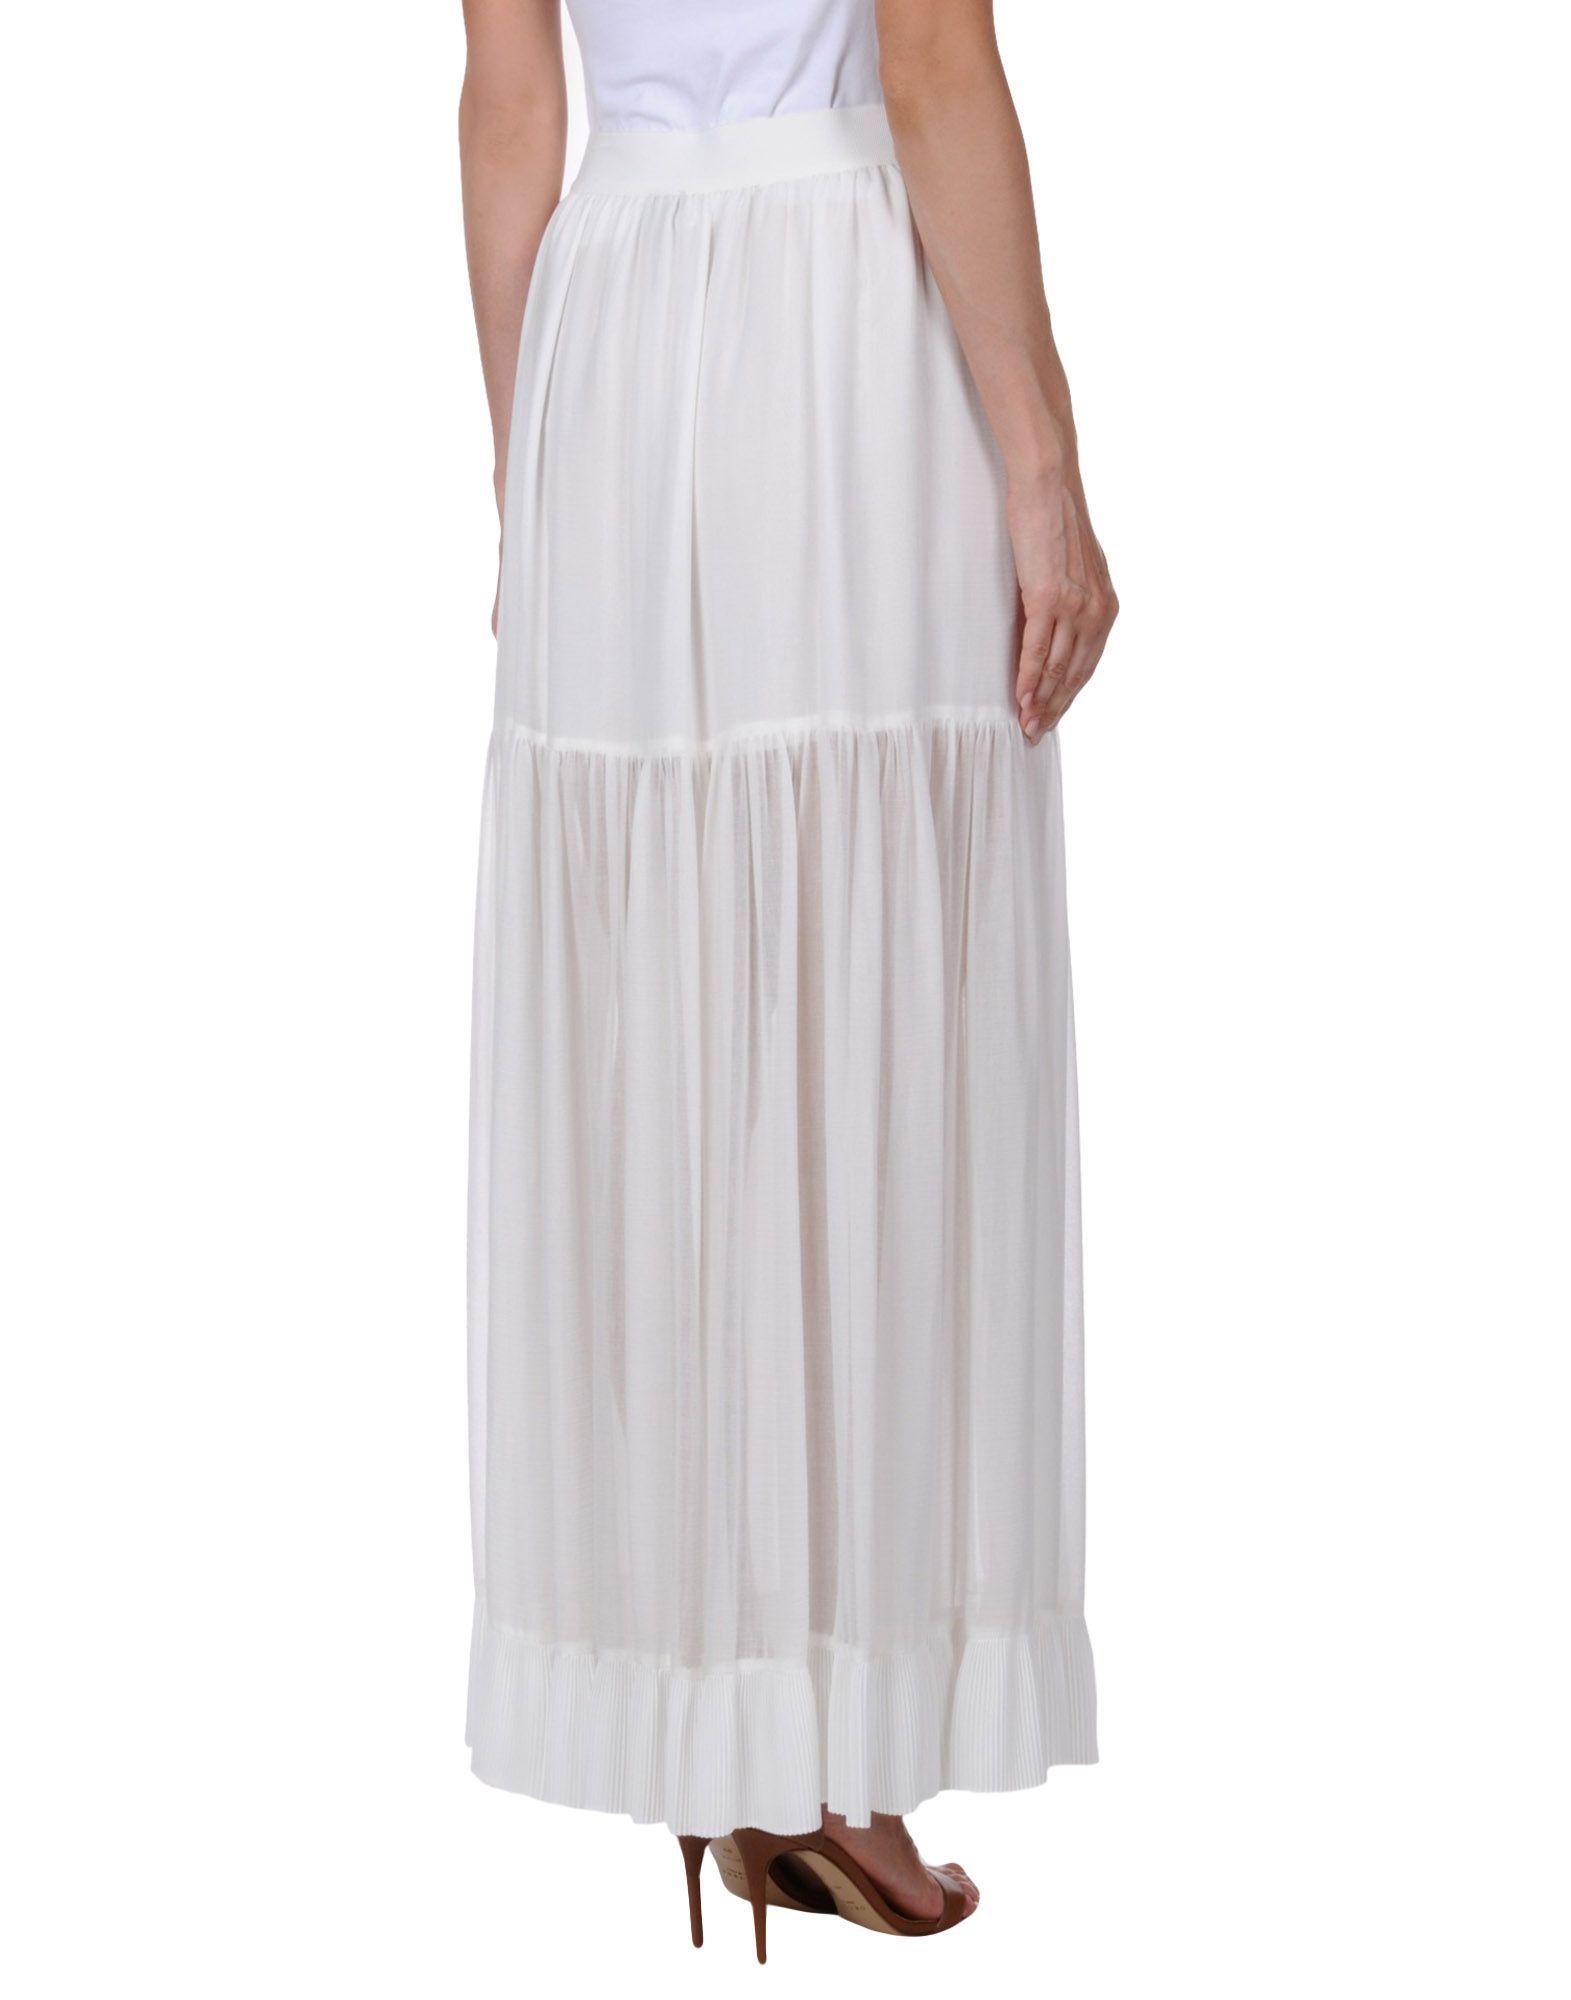 Pinko White Cotton Full Length Skirt